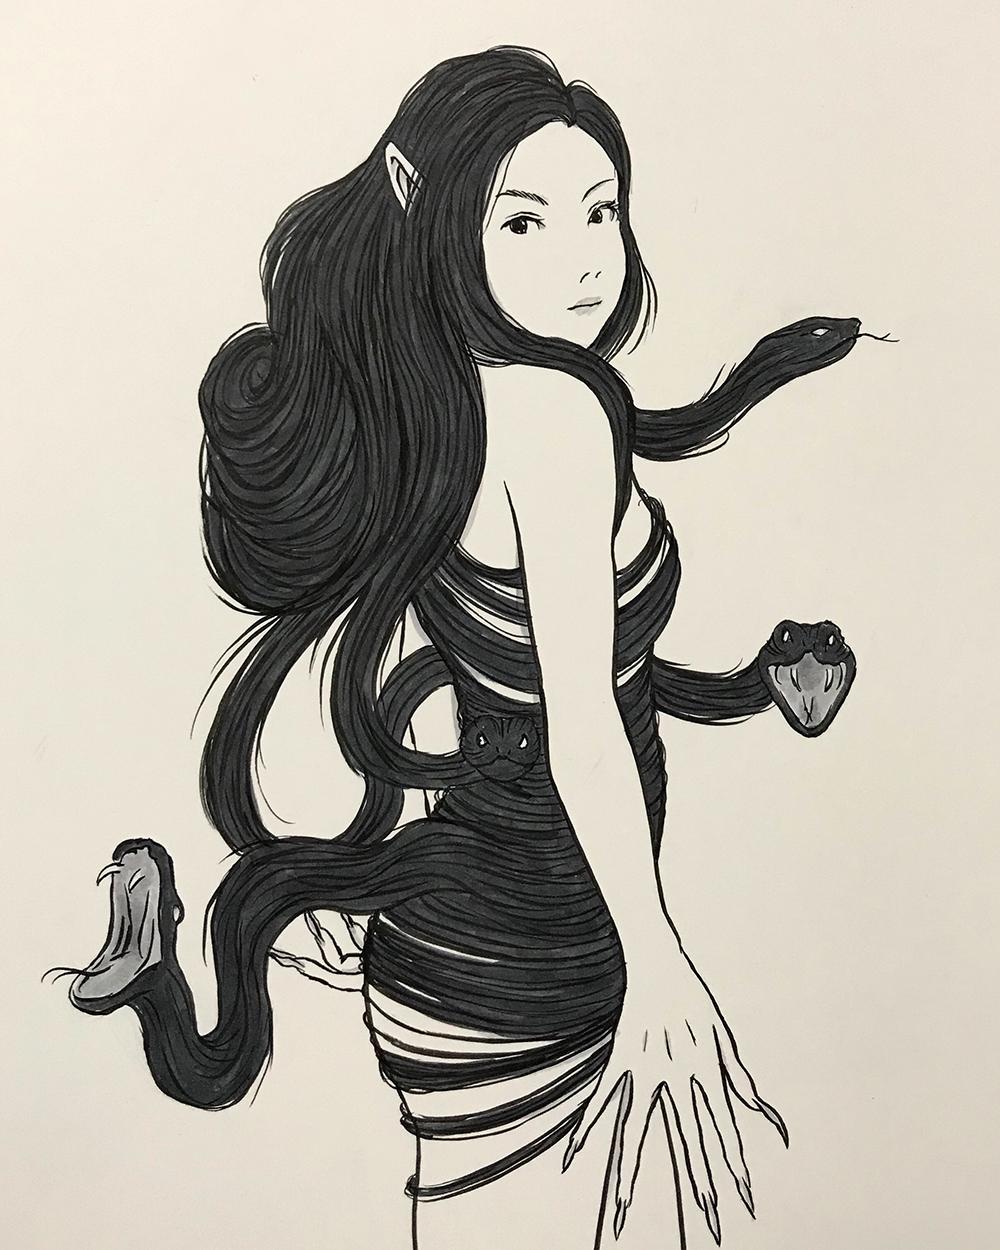 謎の妖怪の正体は二口女 FUTAKUCHI-ONNA1